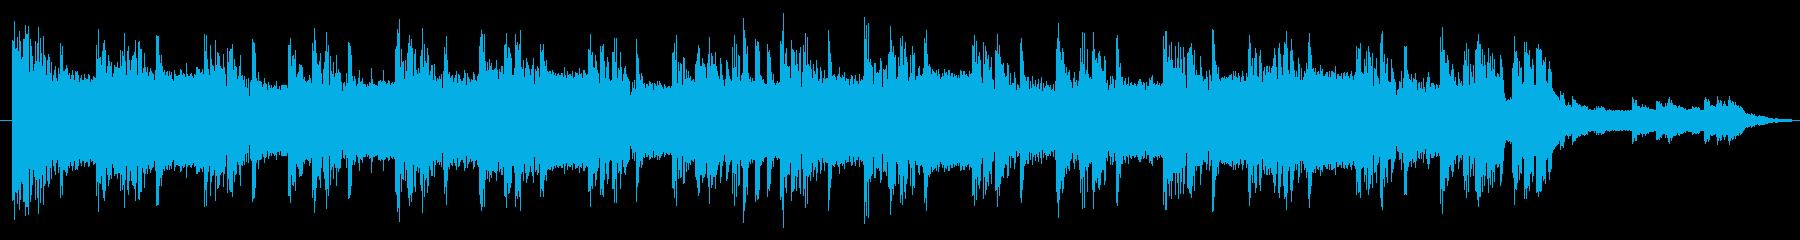 大会エンディングヒップホップ弦無し30秒の再生済みの波形